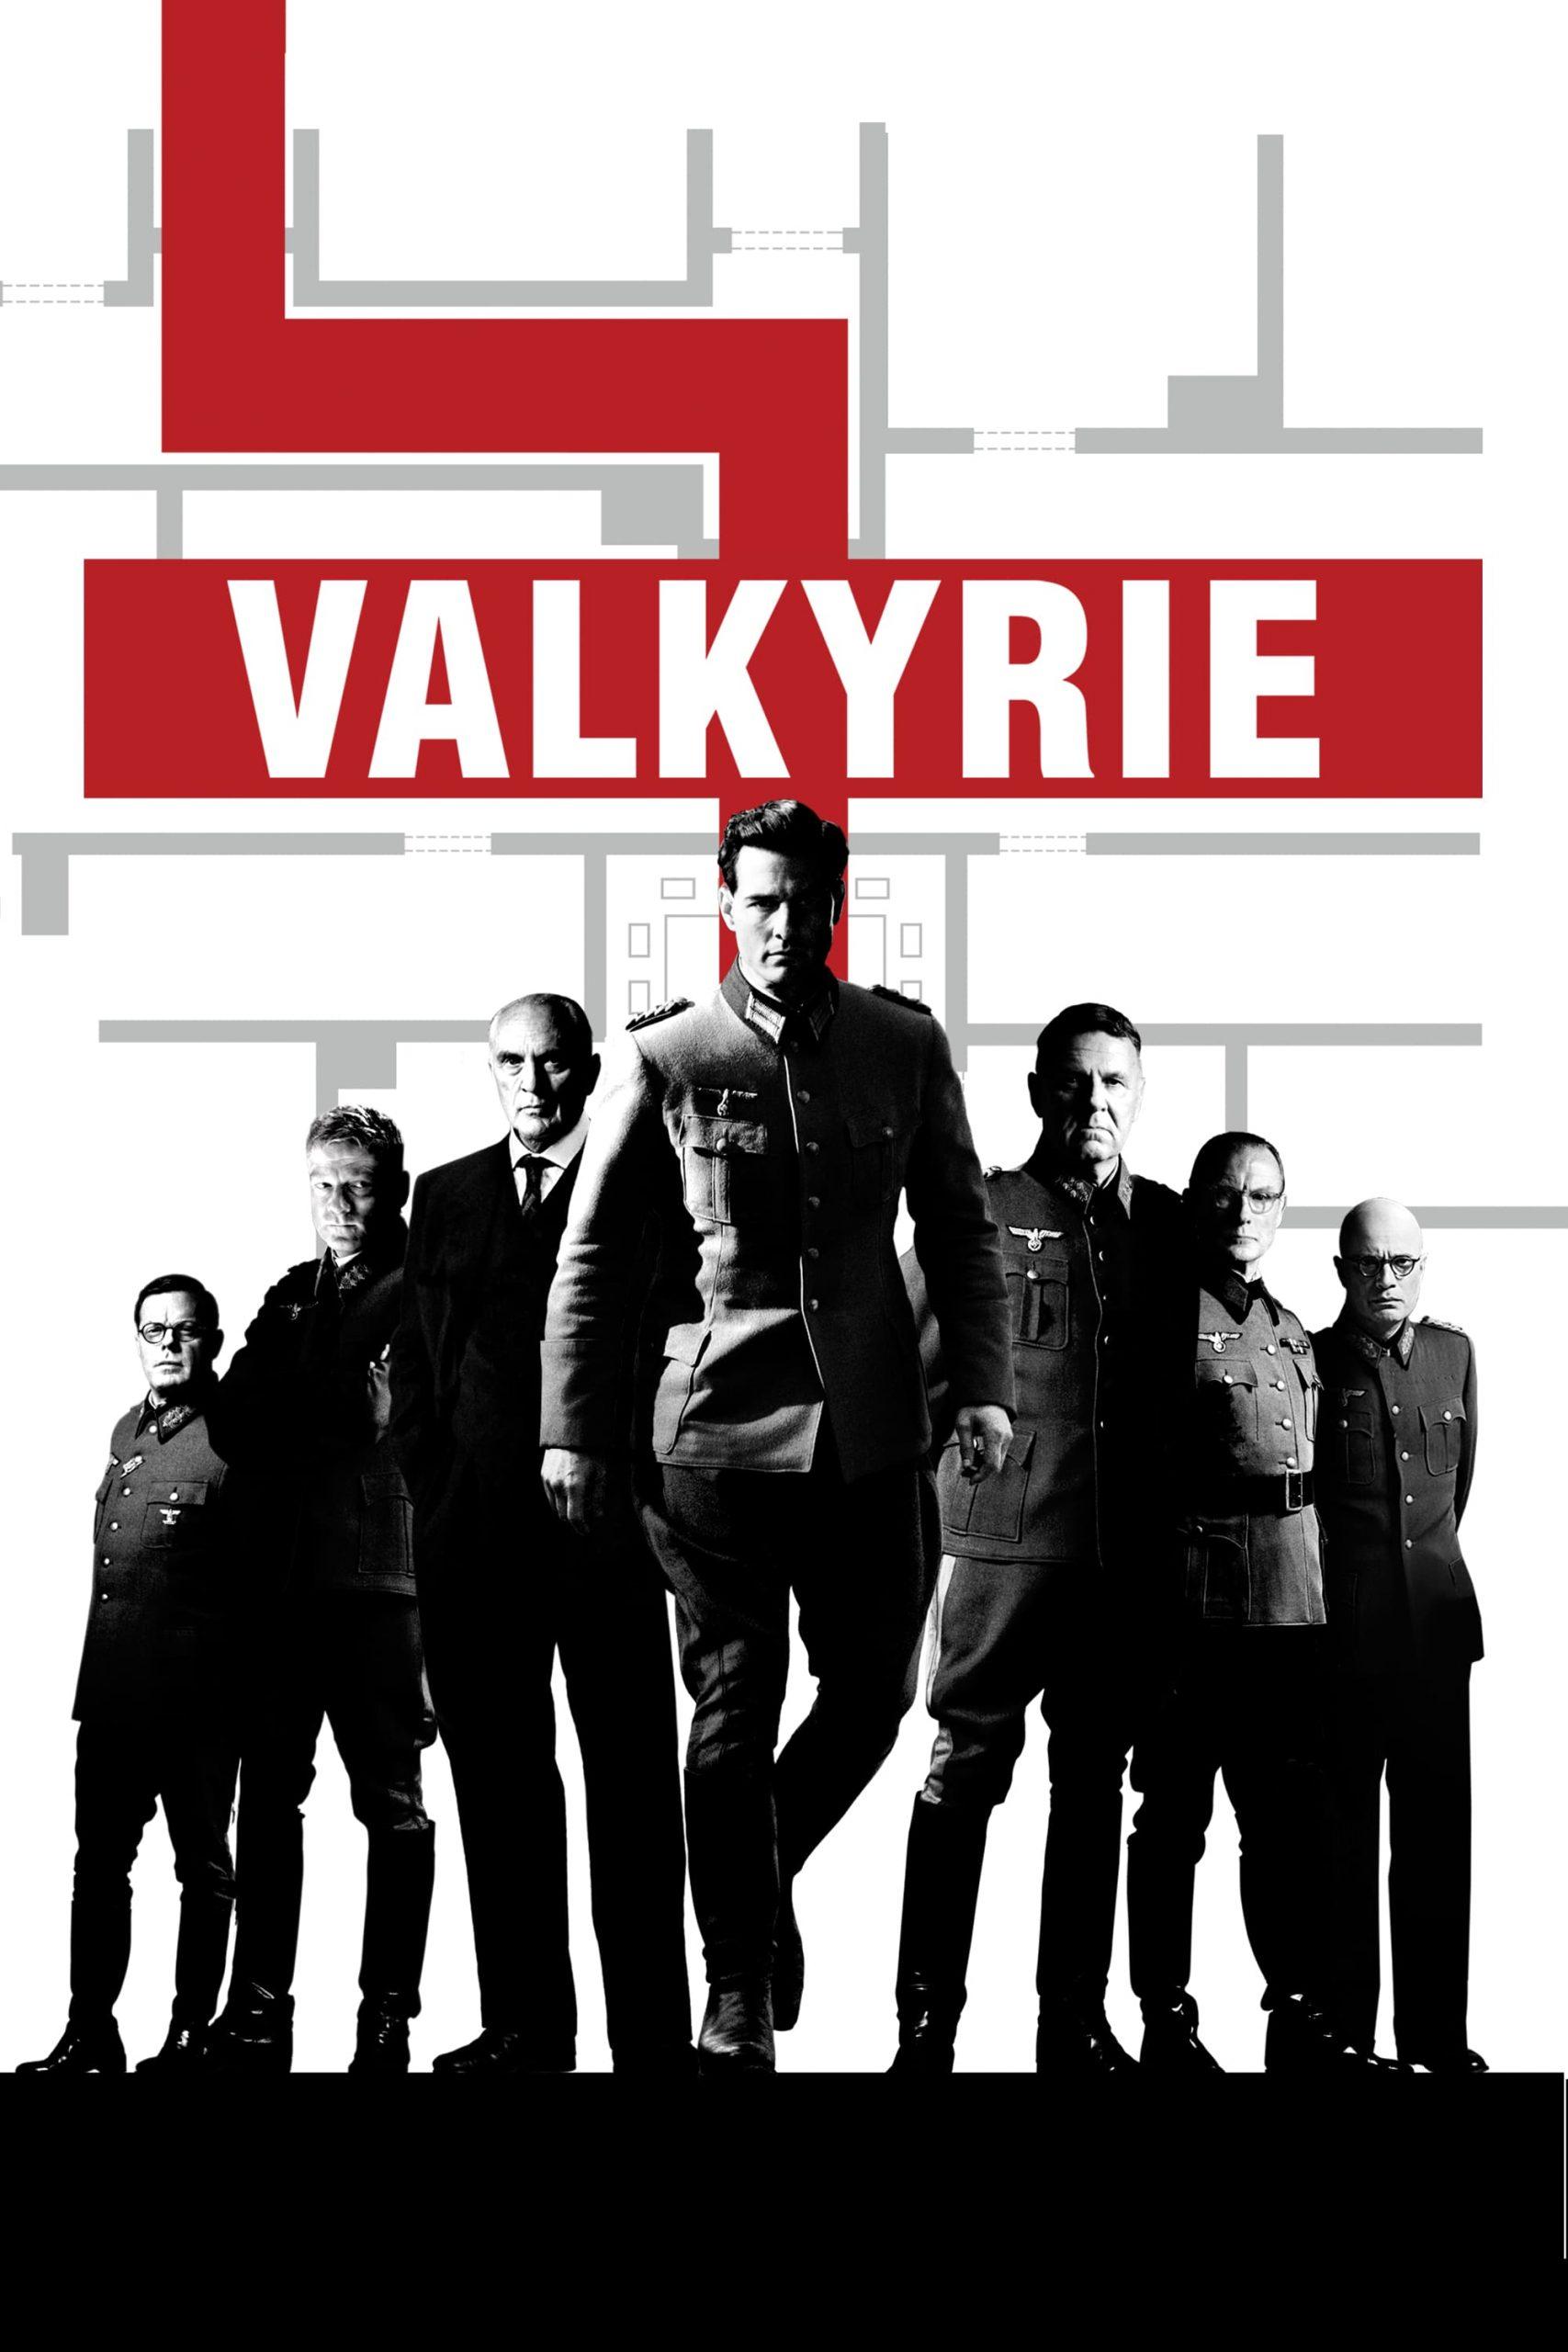 دانلود فیلم Valkyrie 2008 با دوبله فارسی